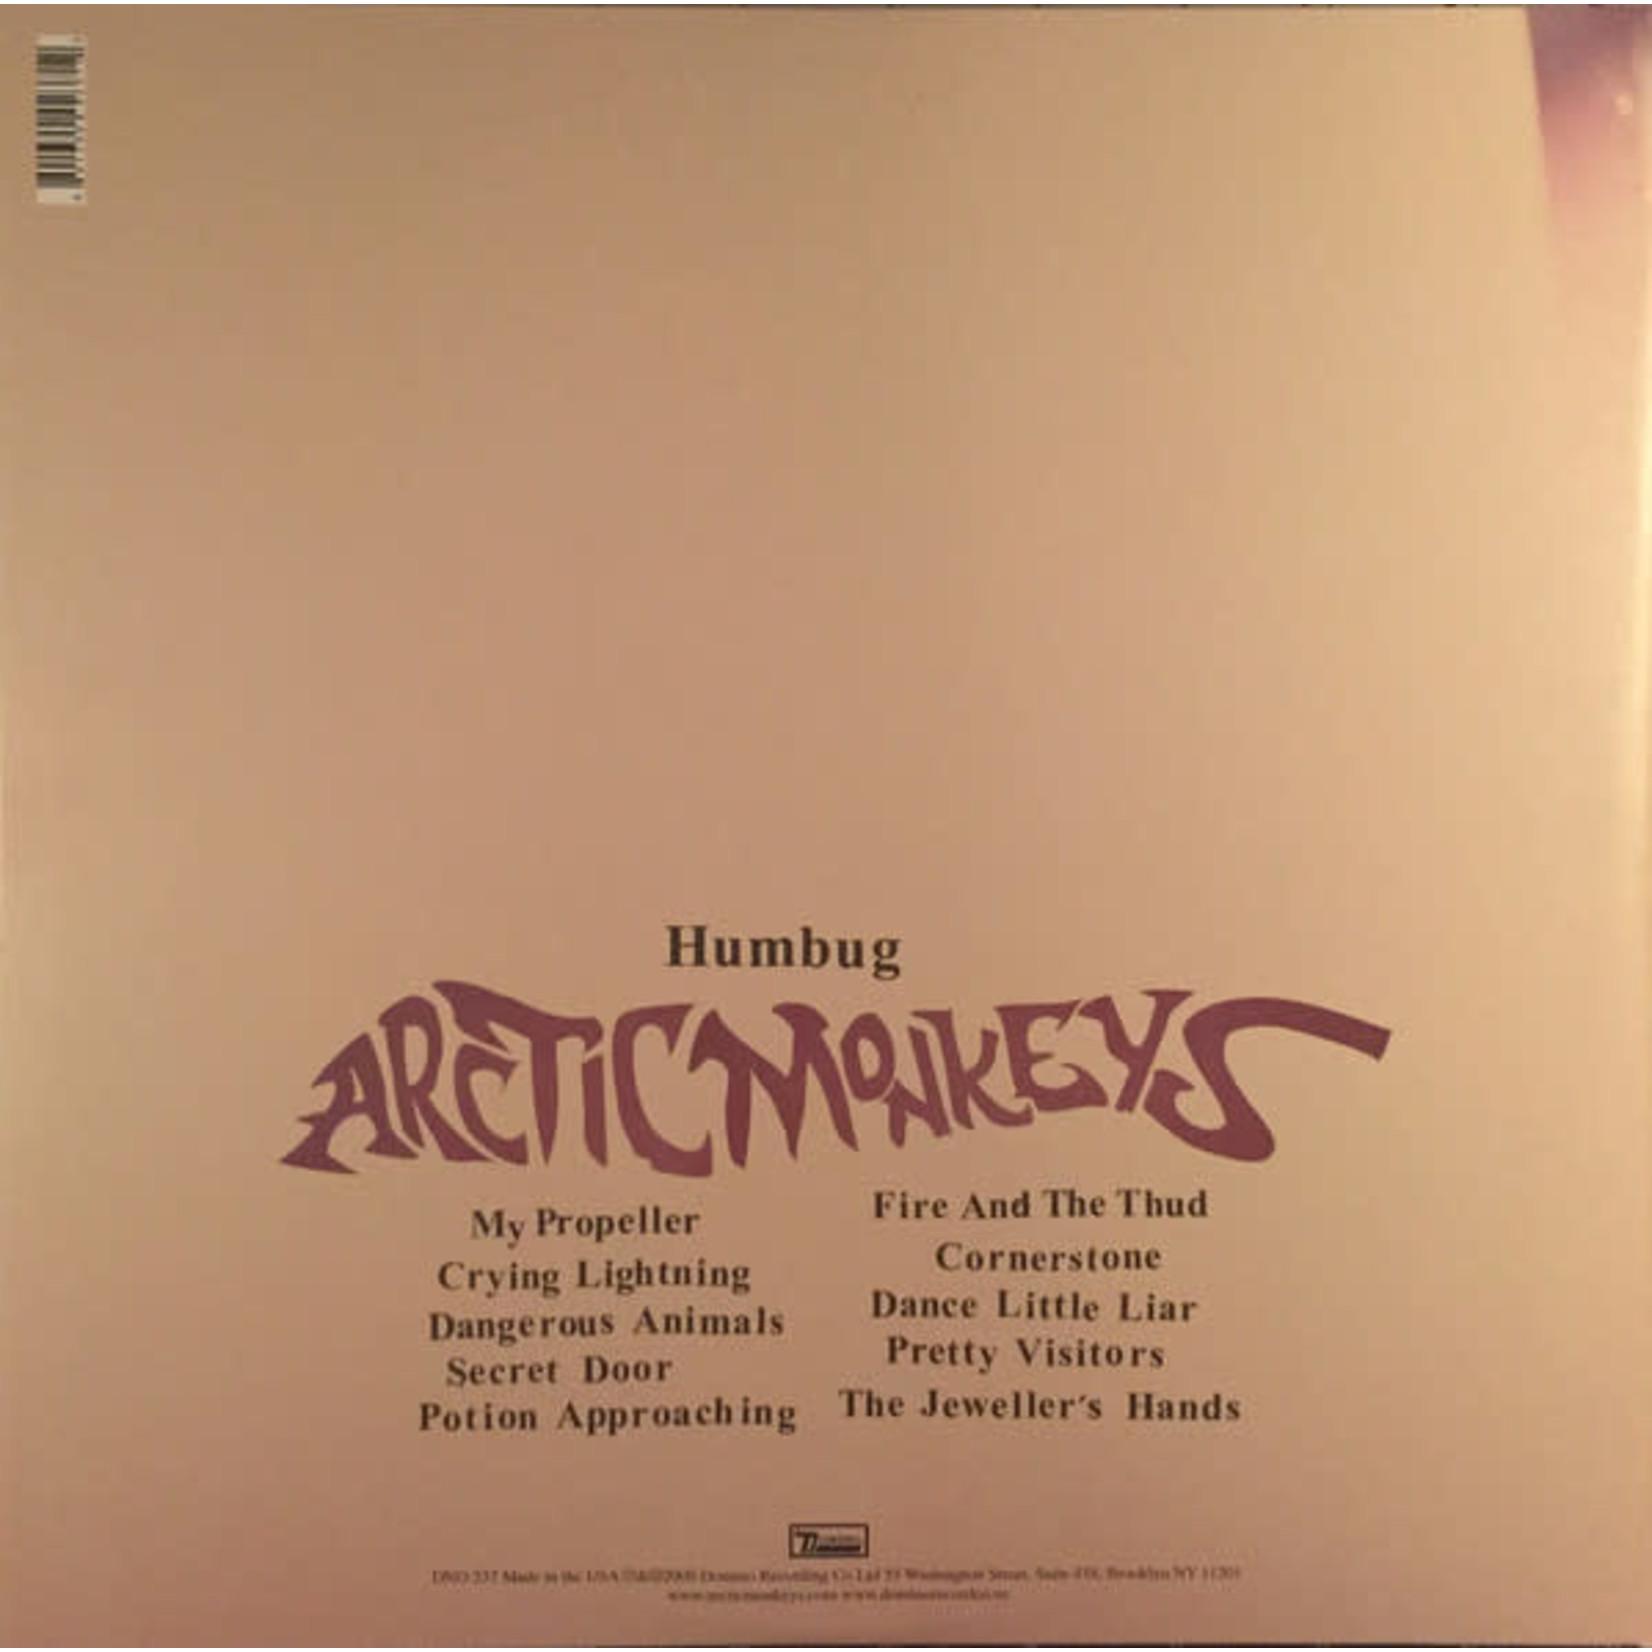 ARCTIC MONKEYS HUMBUG